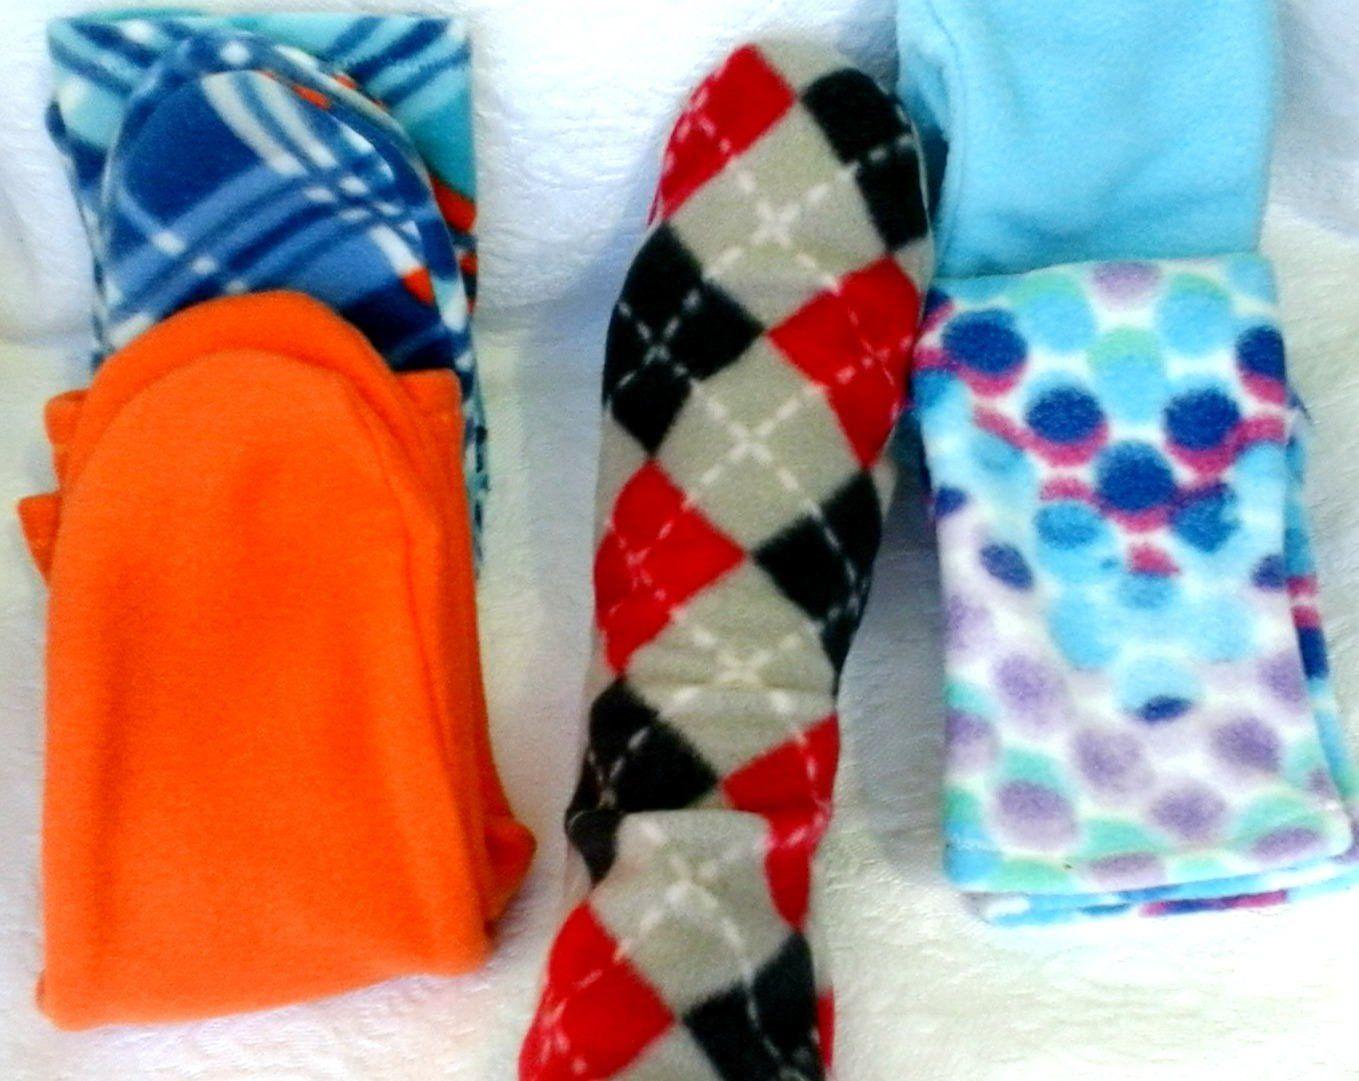 Warm fleece socks, women's winter socks, gift for her